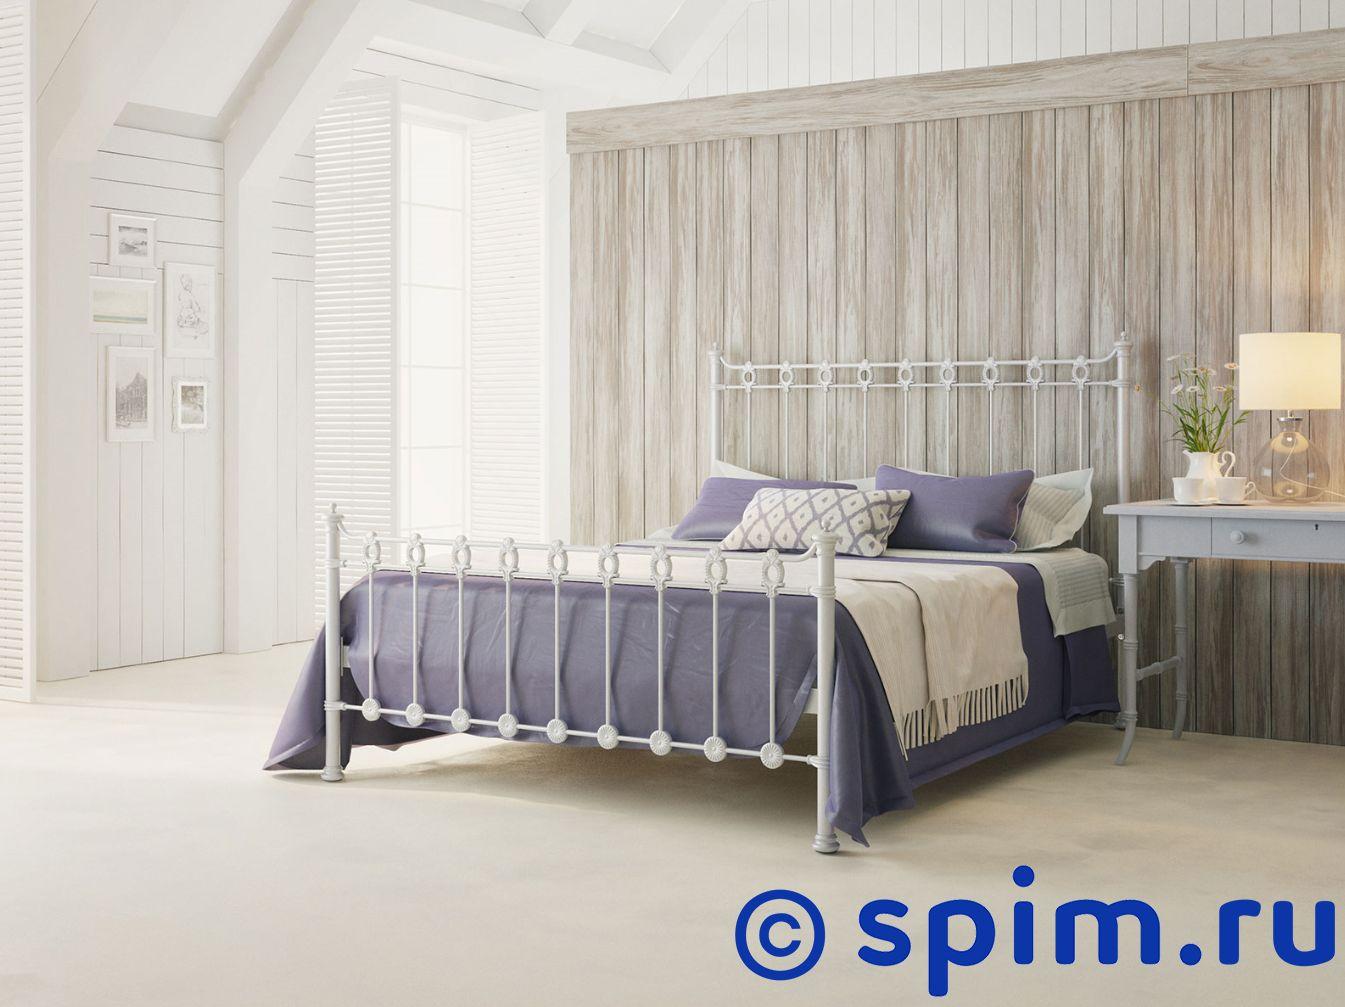 Кровать Originals by Dreamline Capella (1 спинка) 150х200 см